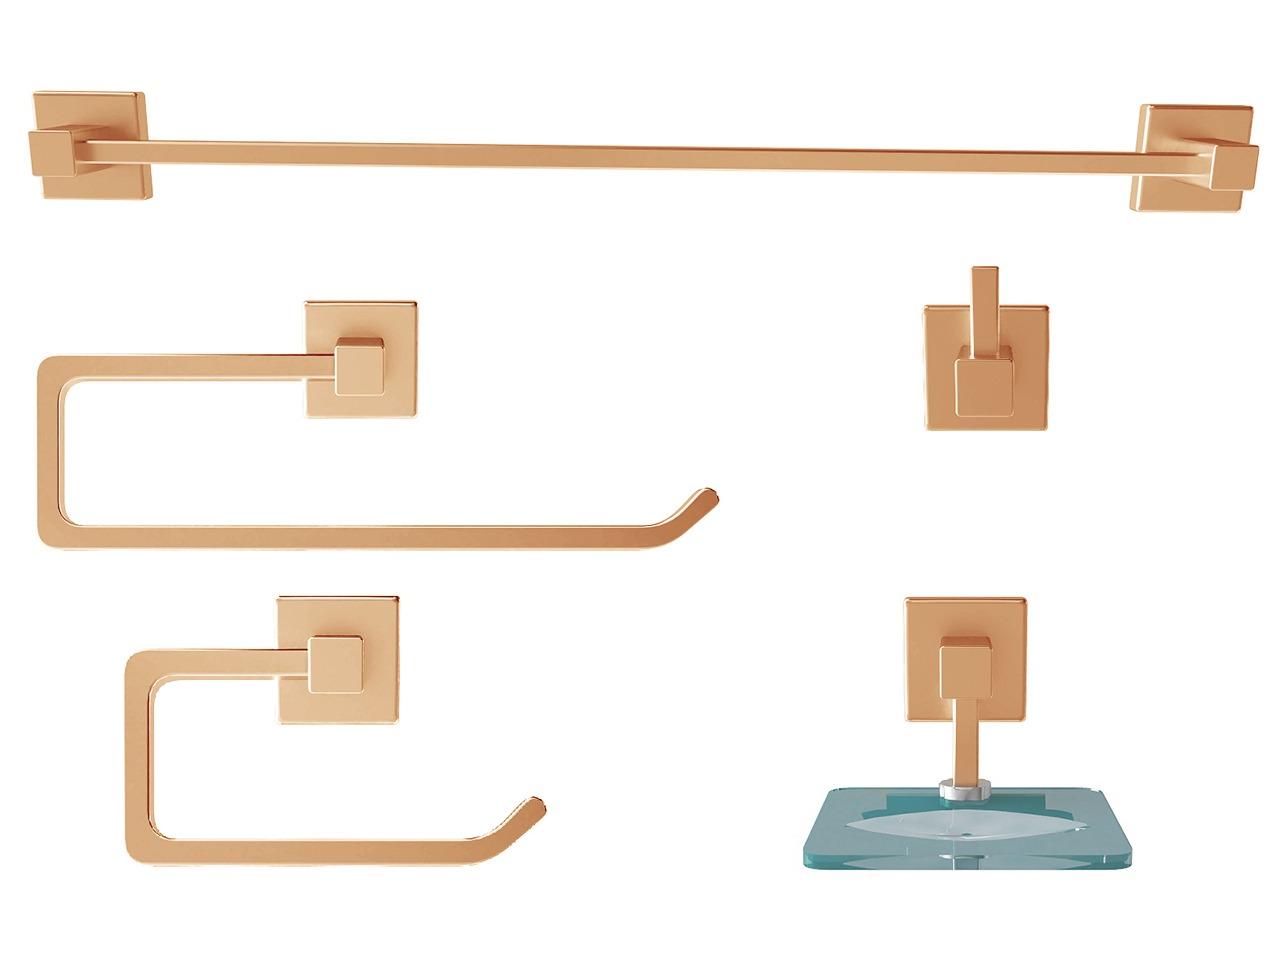 Kit Acessórios P/ Banheiro Metal 5 Peças Luxo Quadrado color